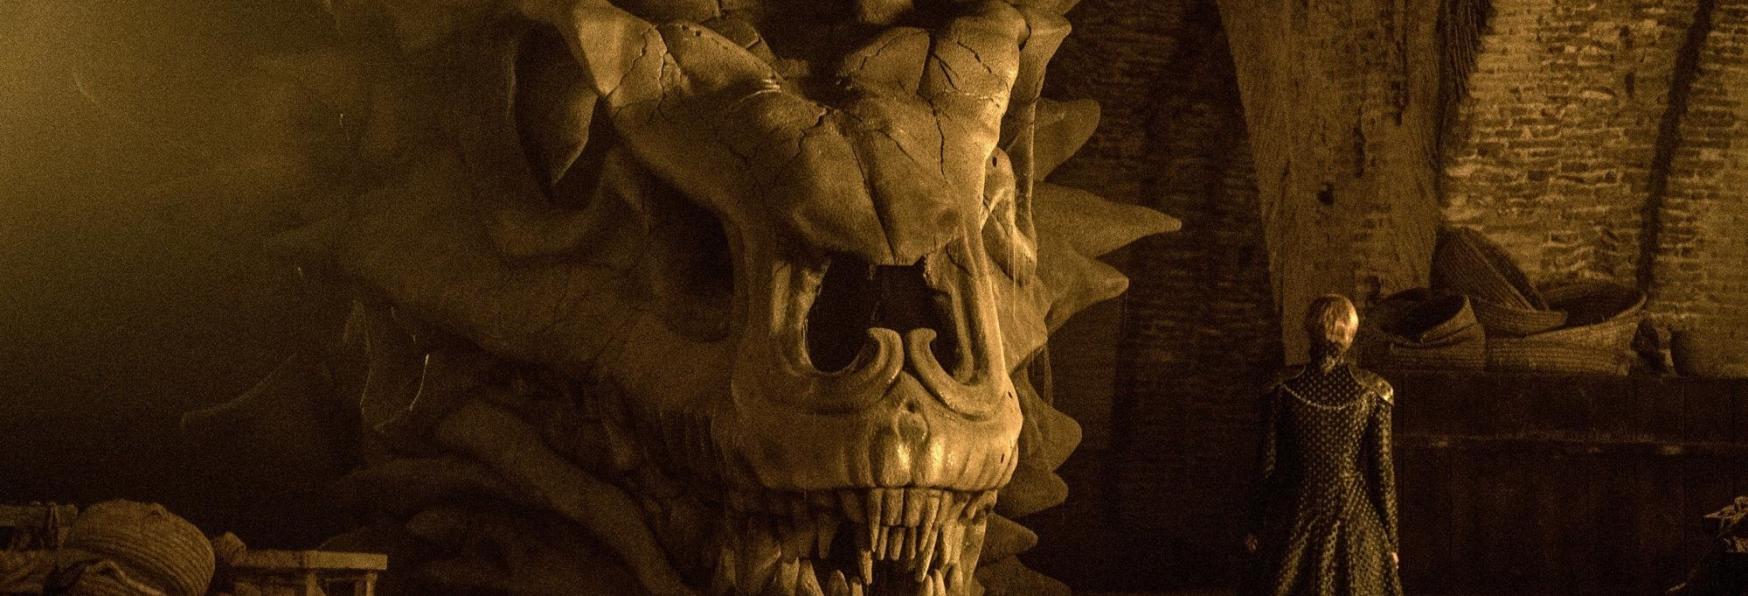 House of the Dragon: dopo un caso di Positività al Covid, riprende la Produzione della Serie TV Spin-off